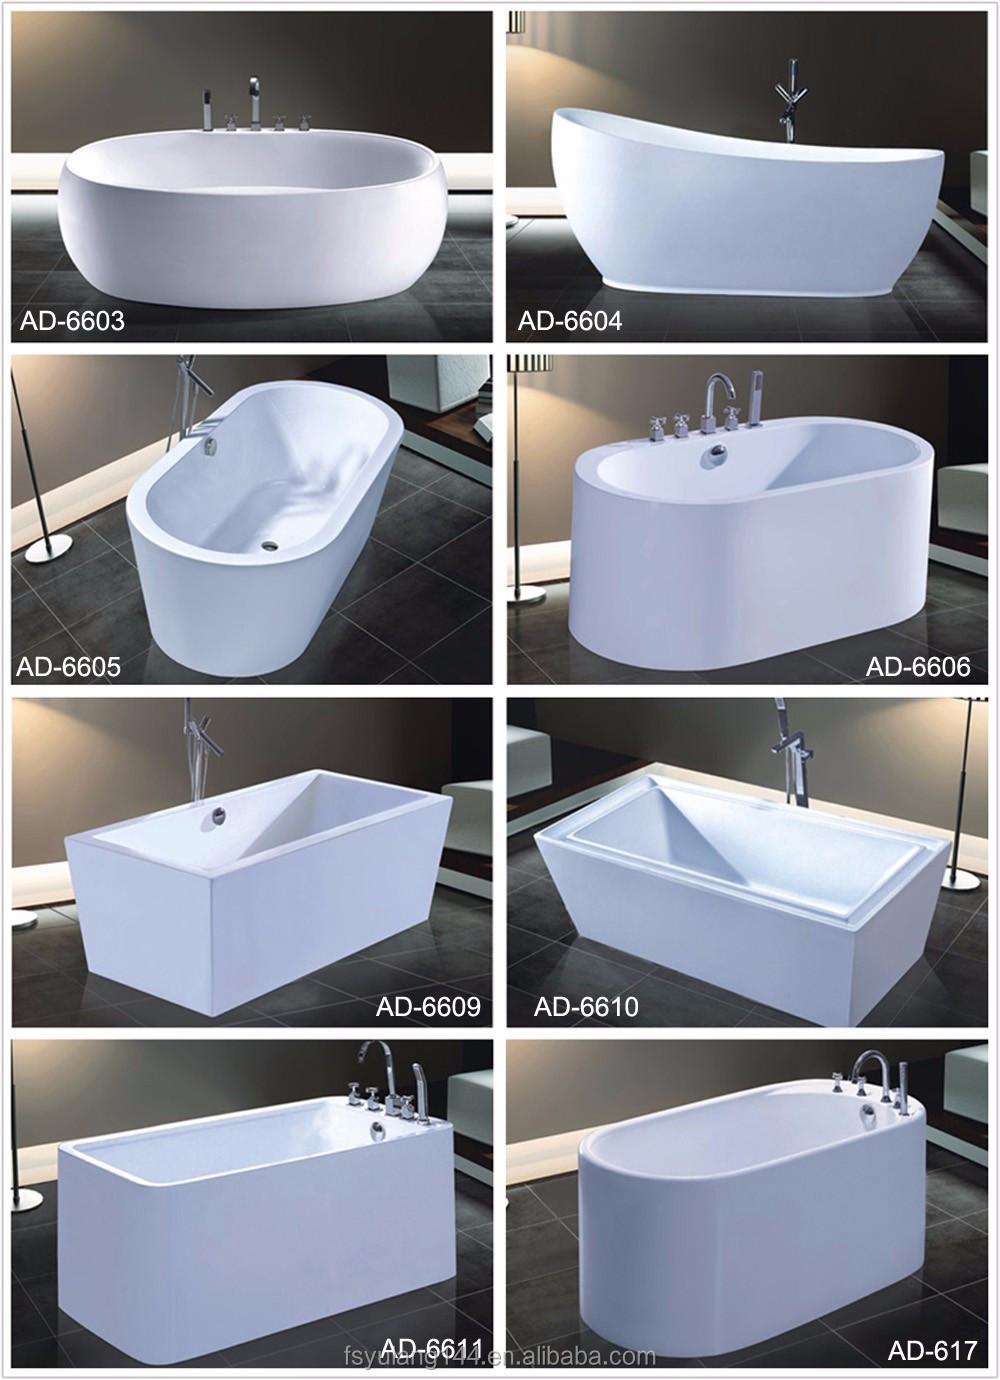 Ad-6642 High Quality Very Small Bathtub Japanese Soaking Tub ...